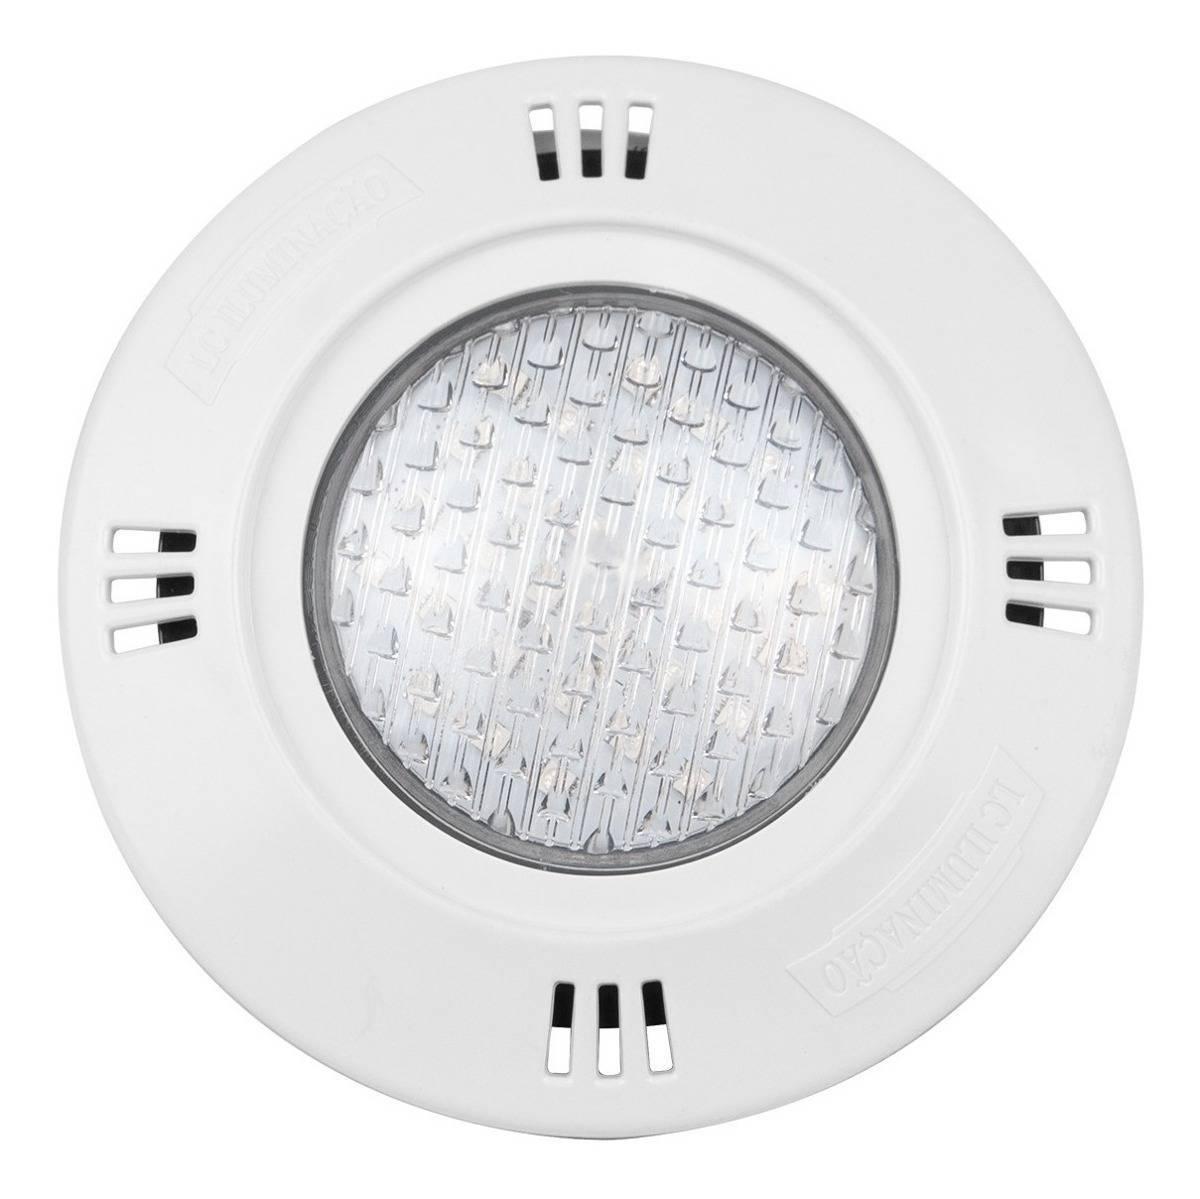 Luminária De Piscina Led 18w Rgb 16 Cores Blindado Colorido - LCGELETRO